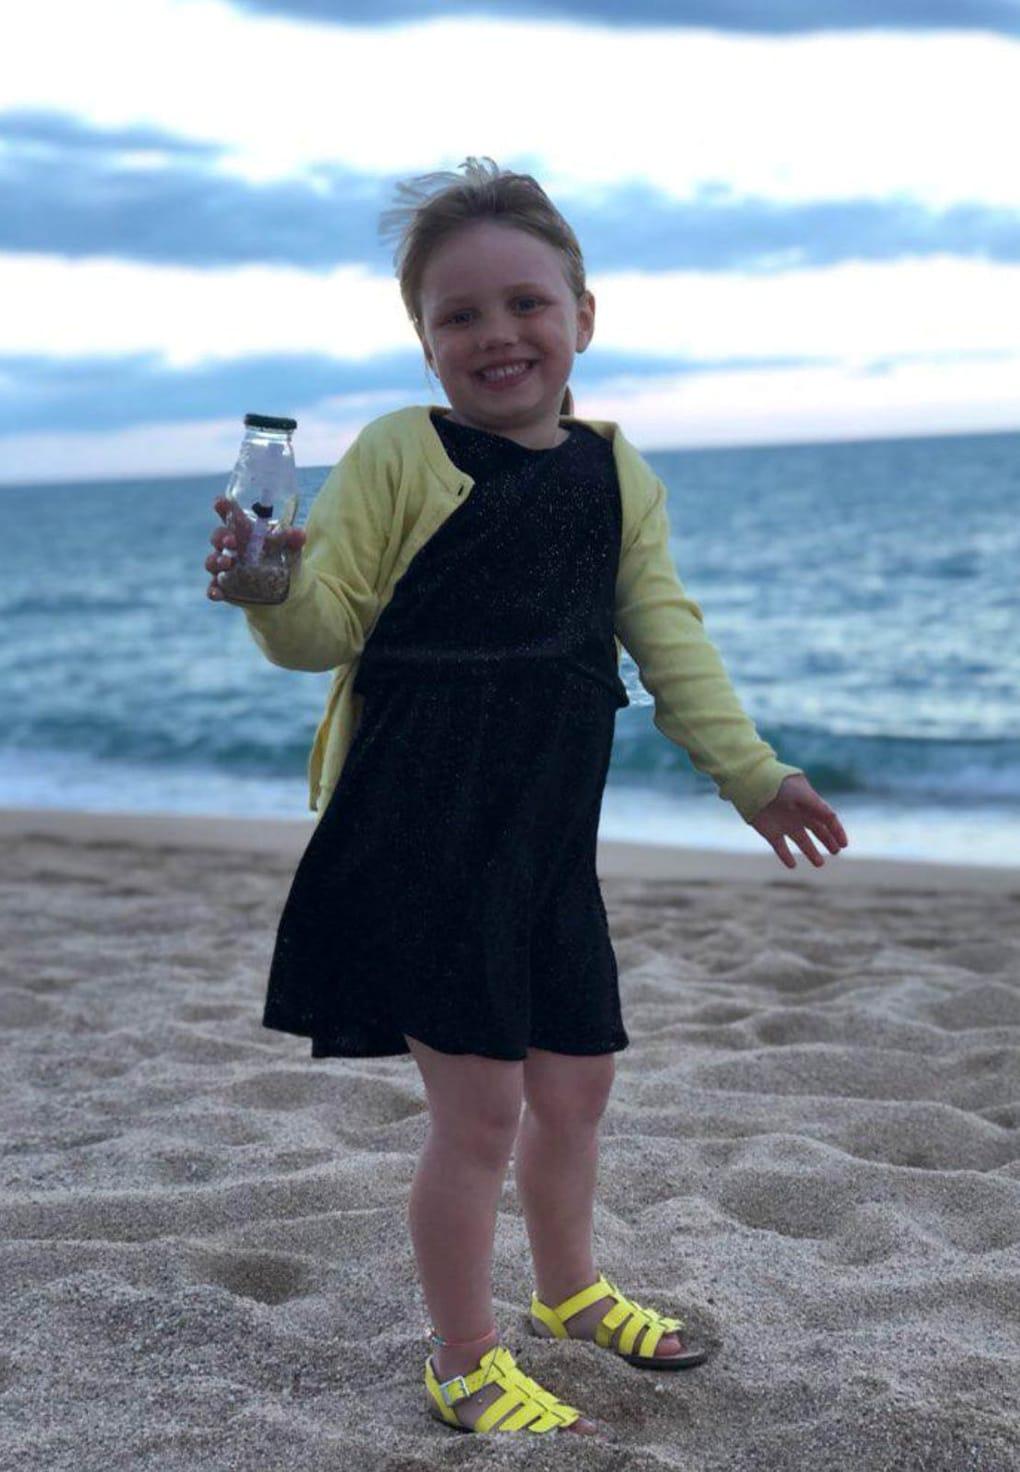 zc9neipzrwfjhd75q6oo2a - Девочка бросила в море бутылку с письмом в Испании и вряд ли ожидала, что ей ответят. Из Москвы